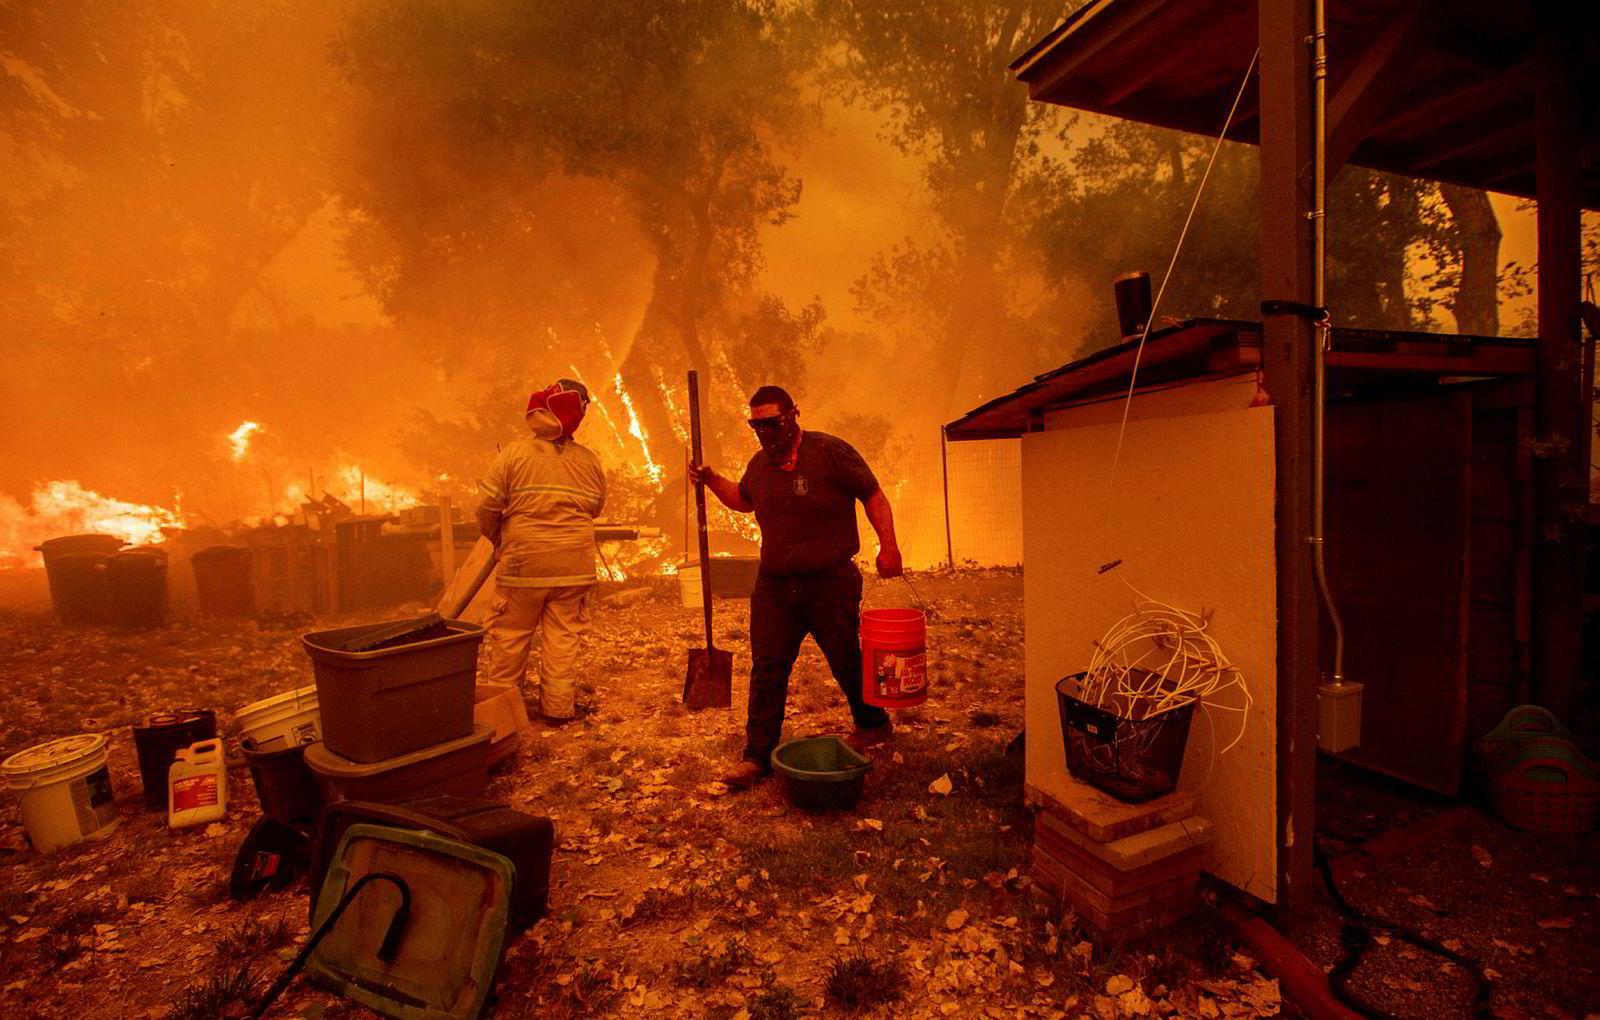 Lane Lawder forsøker å redde hjemmet sitt fra flammene nær Clearlake Oaks. Brannene har ødelagt flere hundre bygninger og drevet titusener fra hjemmene sine.